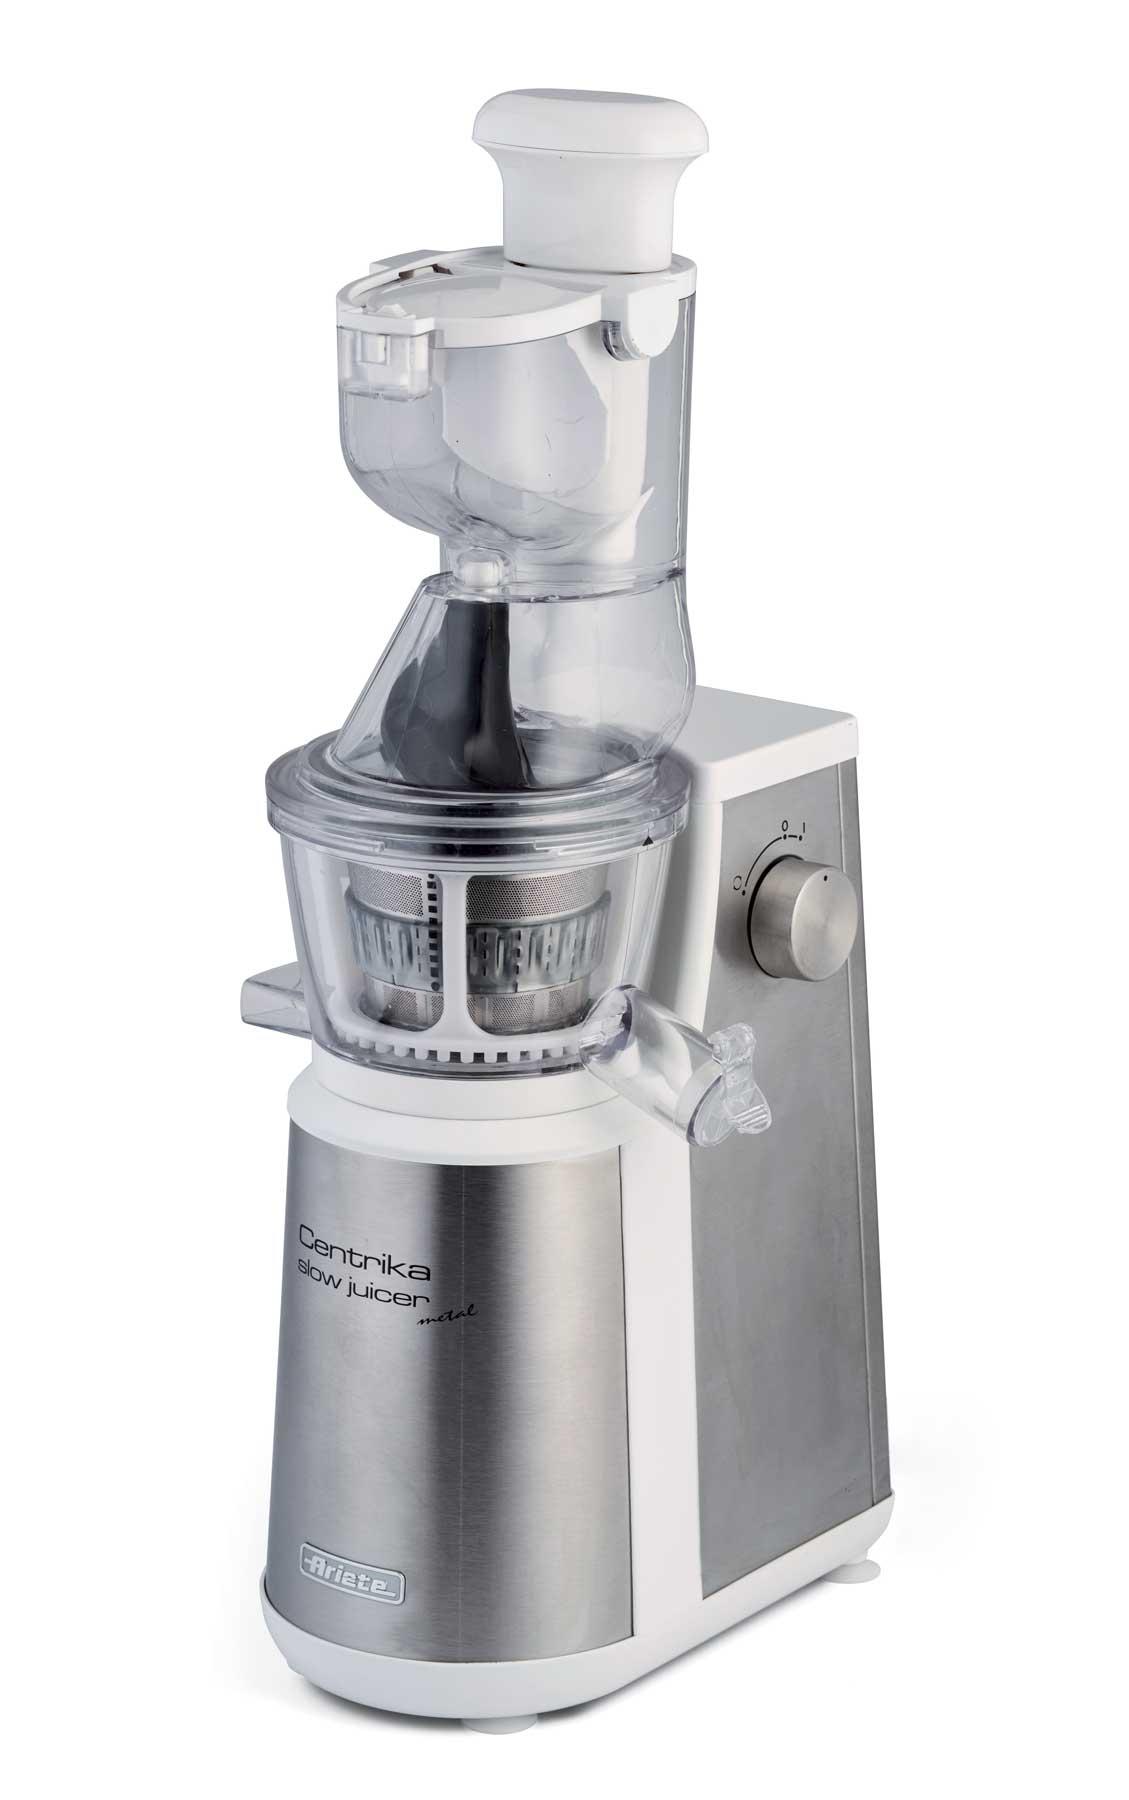 Centrika Slow Juicer Metal - Un occasione al giorno Piccoli elettrodomestici